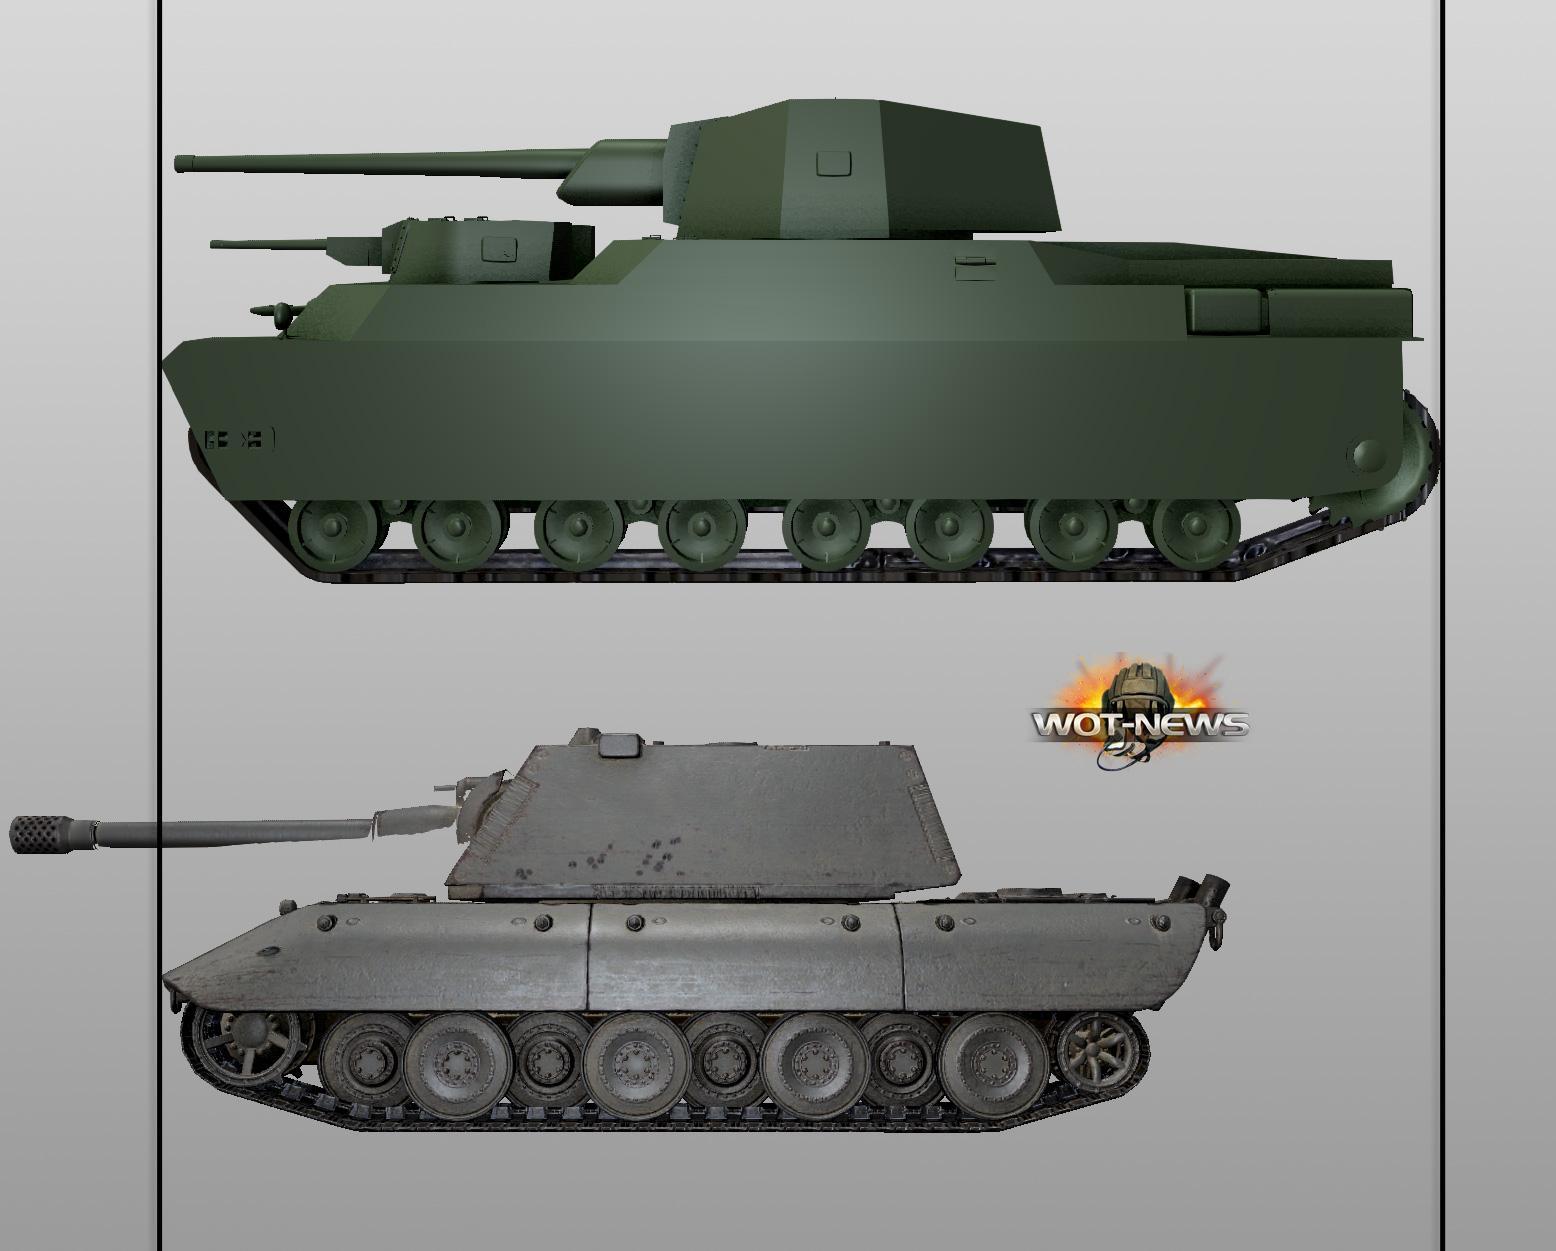 Картинка японского танка вид сбоку только